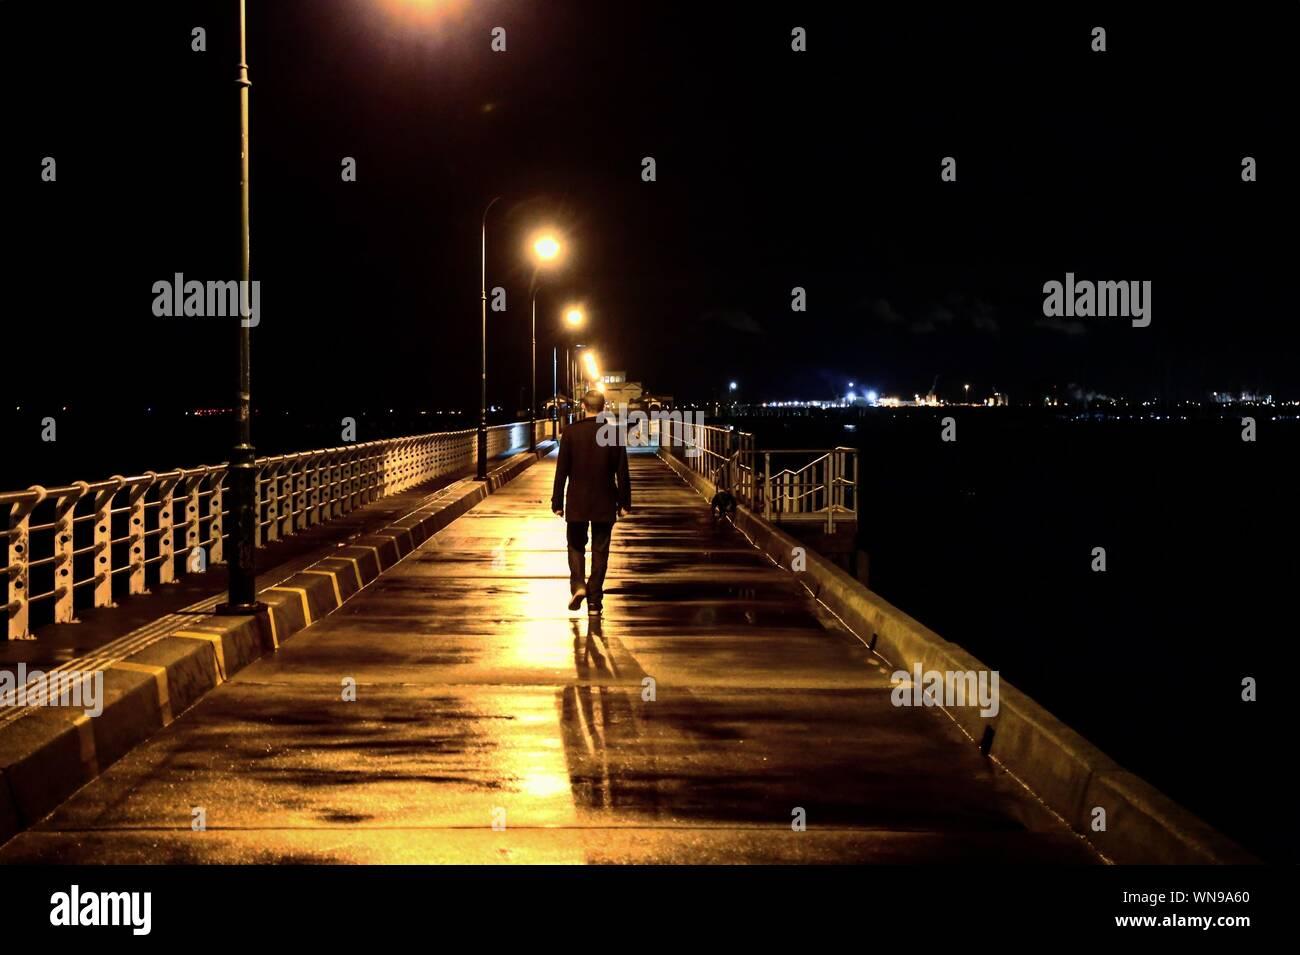 Vista posteriore del uomo a camminare sul bagnato illuminato Pier contro il cielo di notte Foto Stock